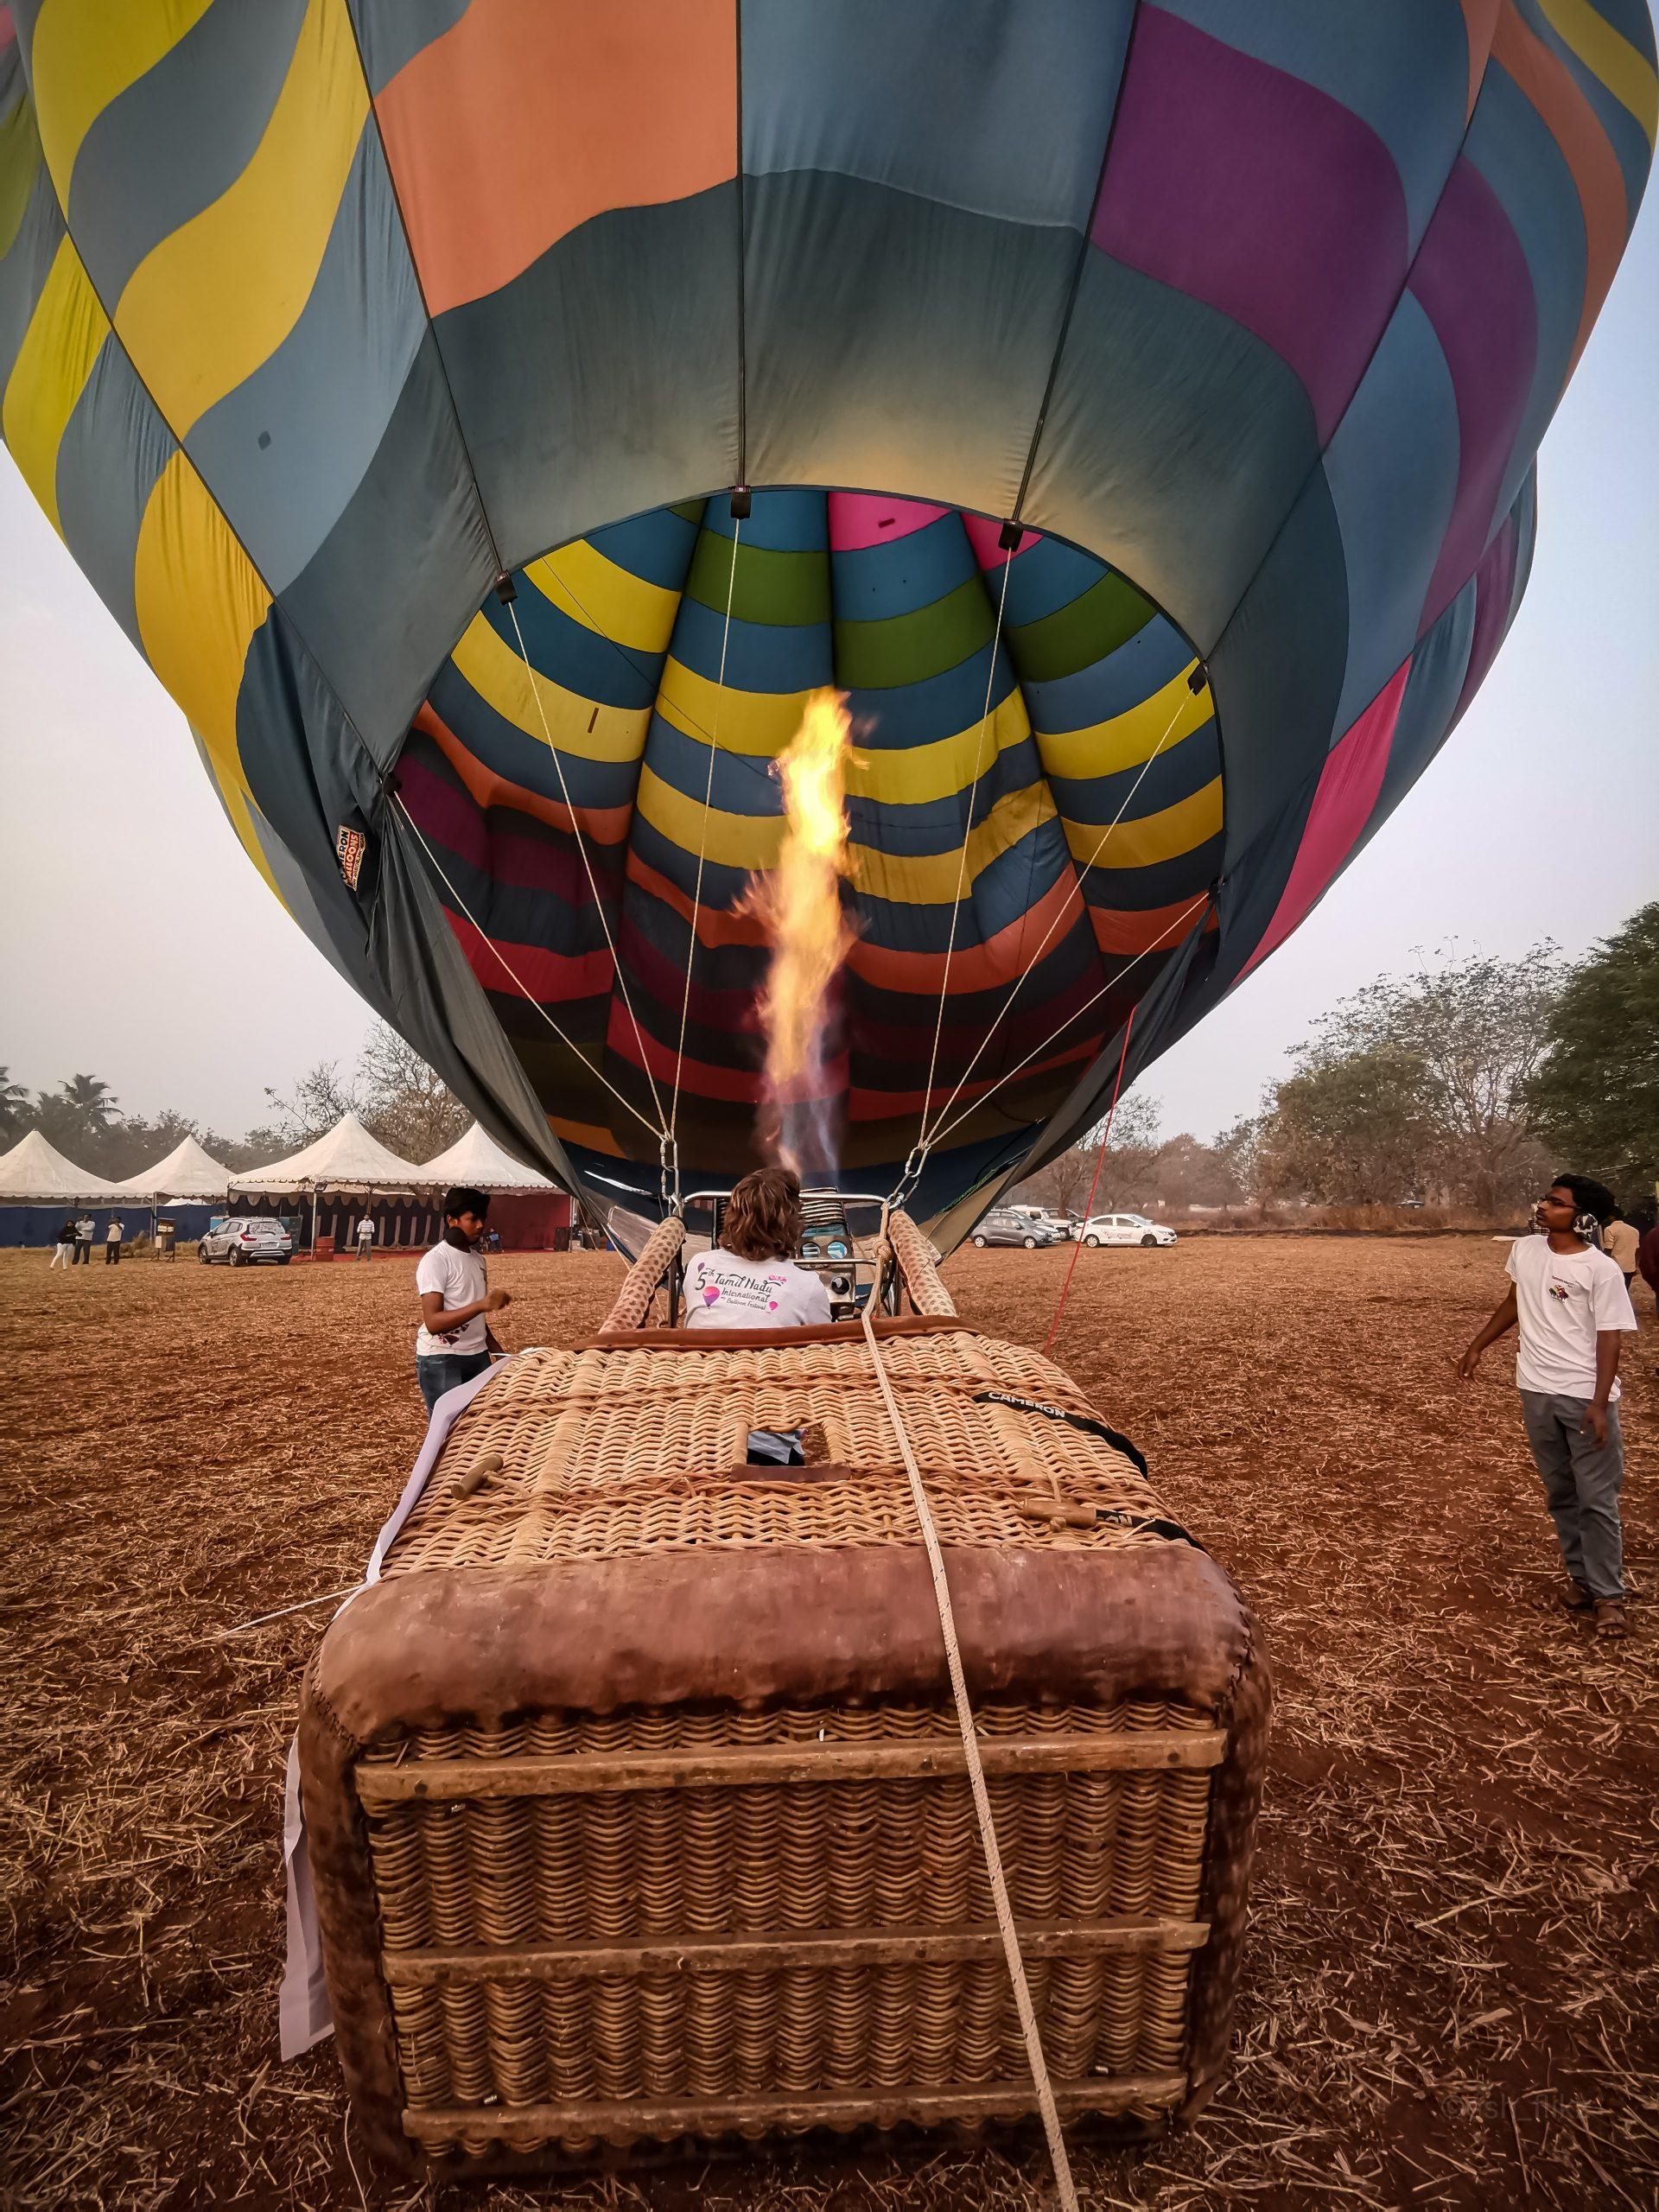 Men Lits up the Hot Air Balloon